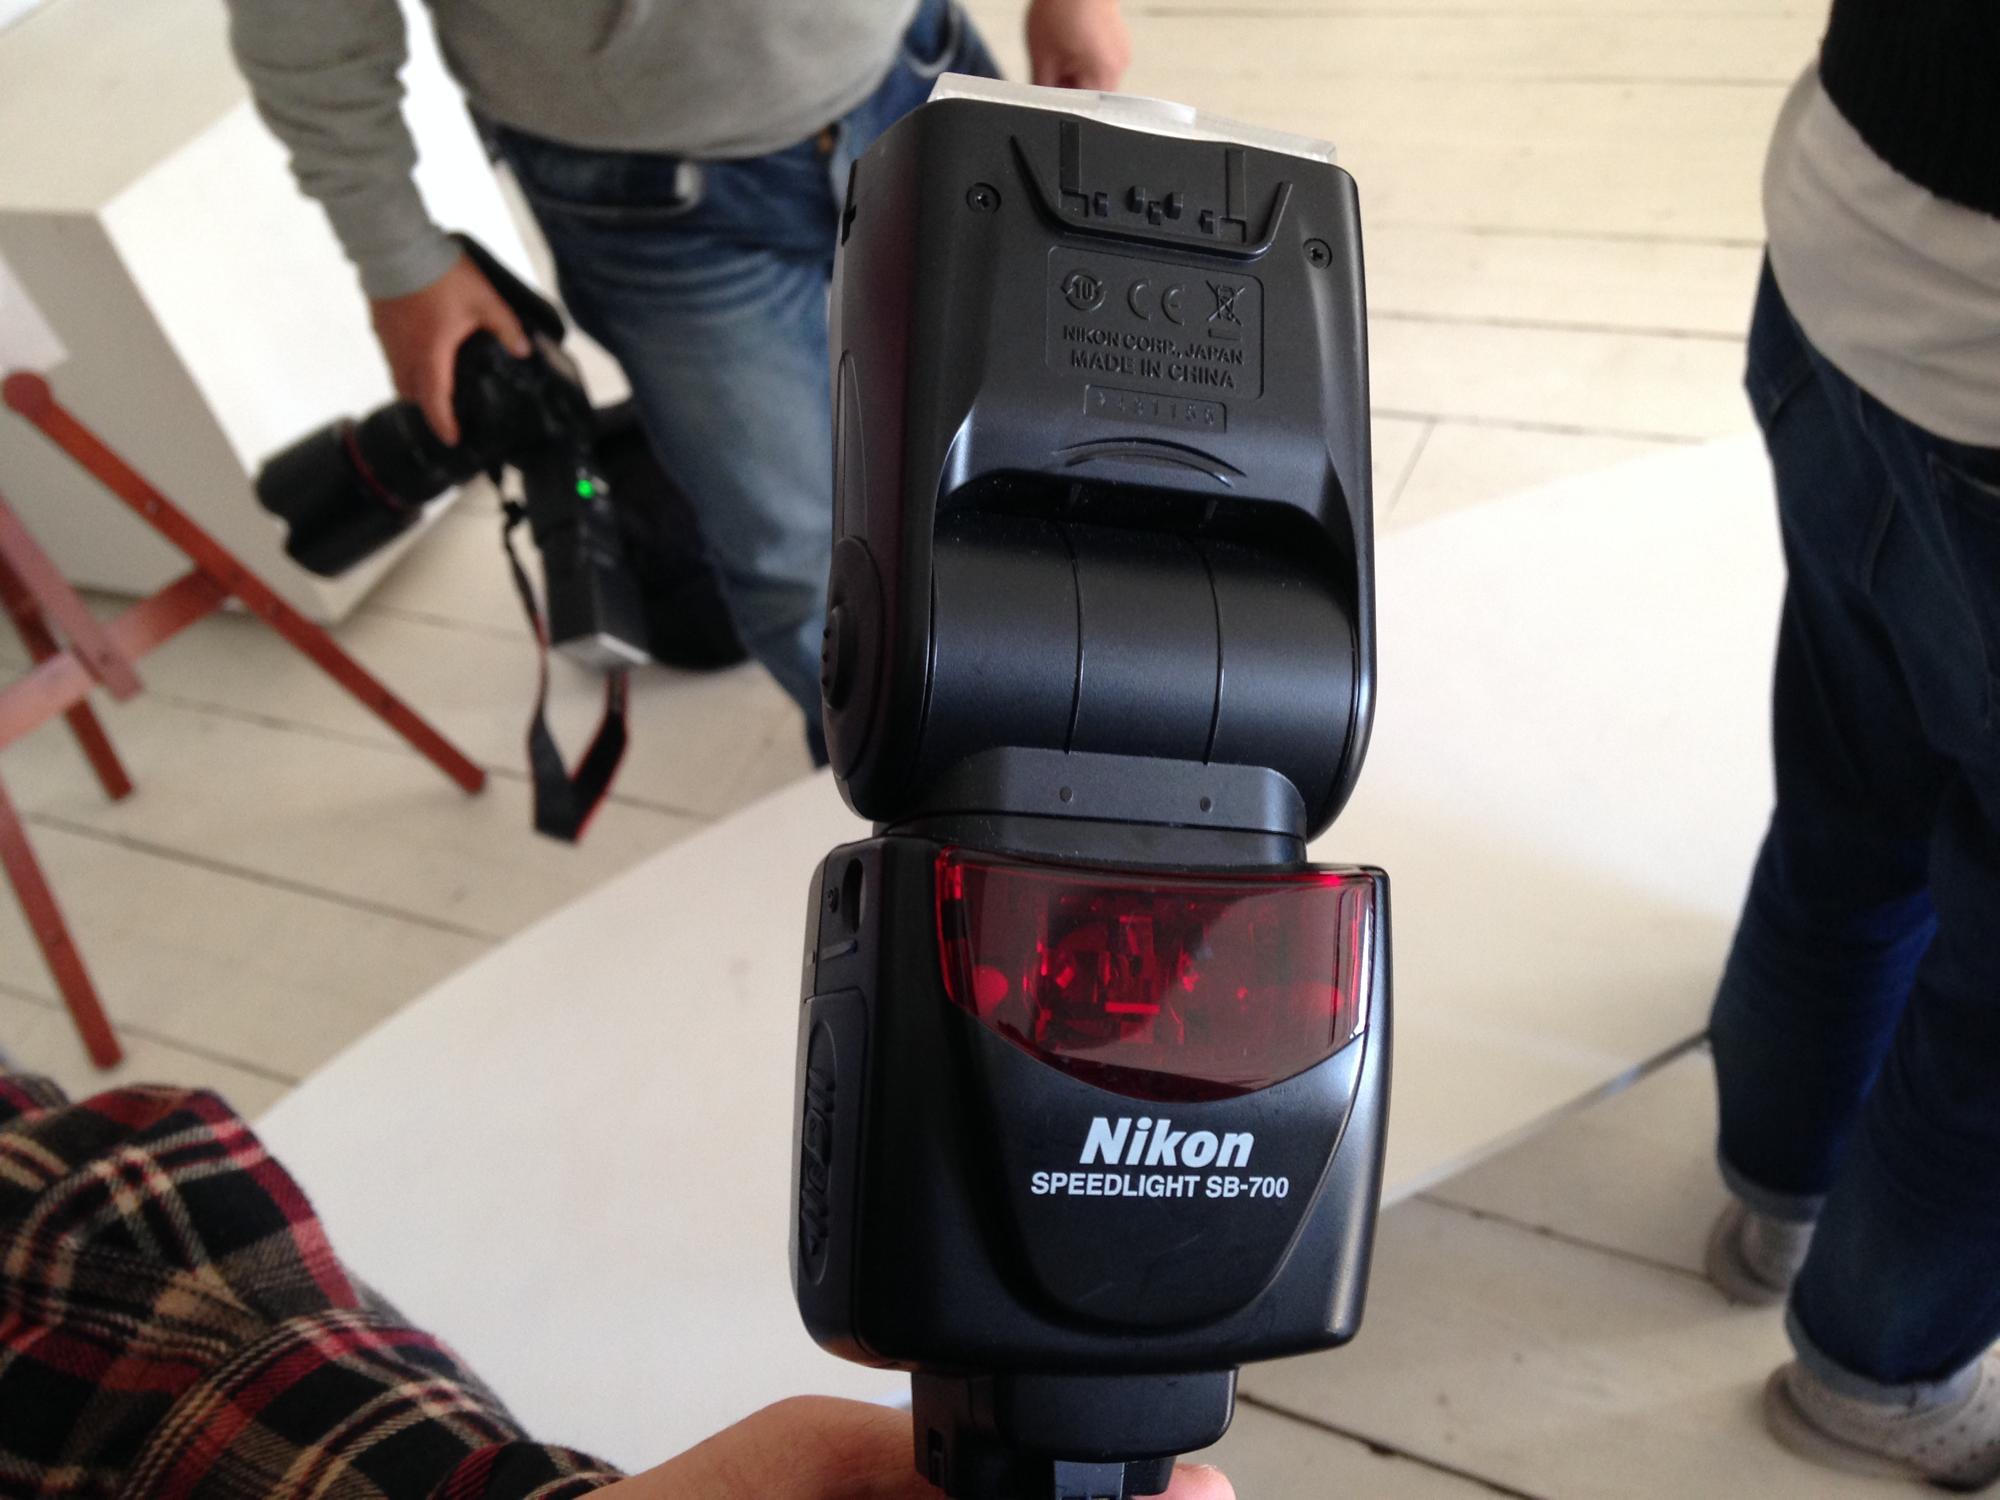 ニコンスピードライト SB-700